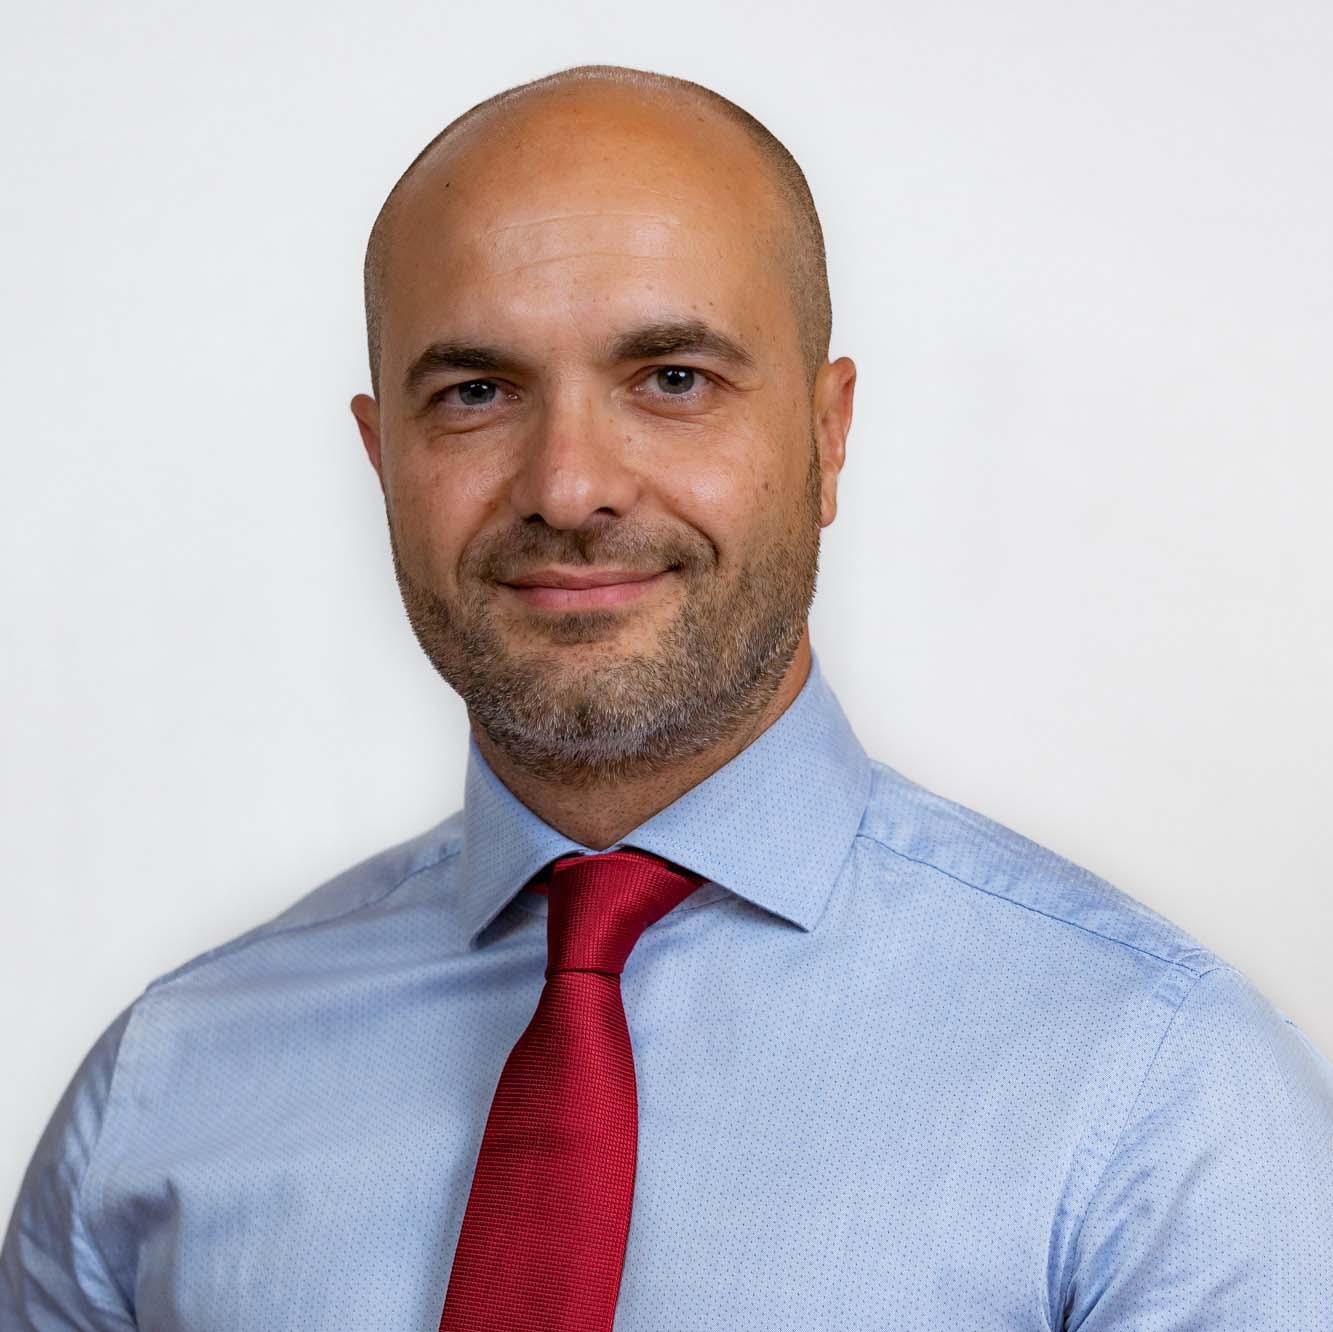 Dott. Paolo Sidoti Olivo